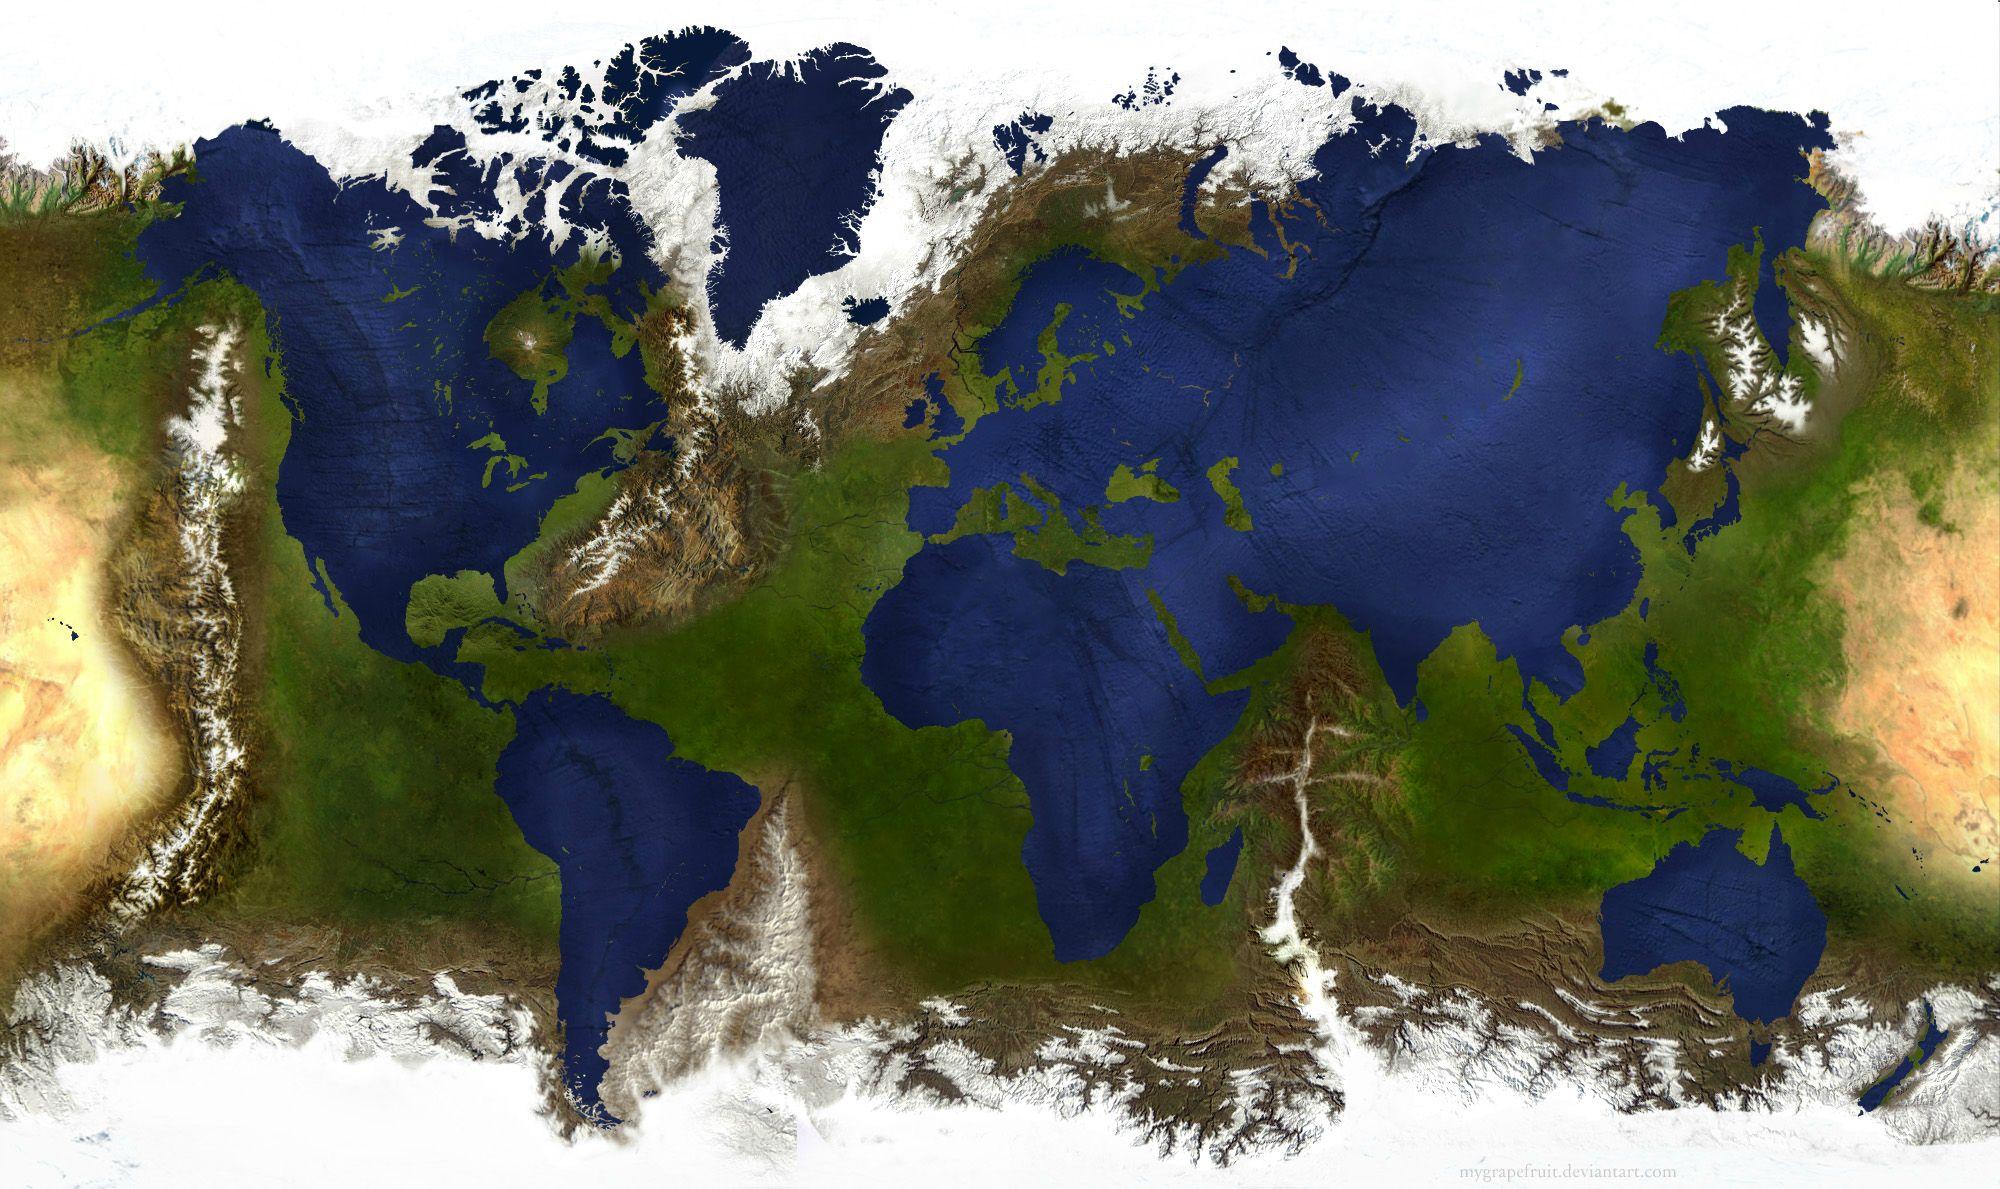 Як виглядав би світ, якби суша і океани помінялися місцями